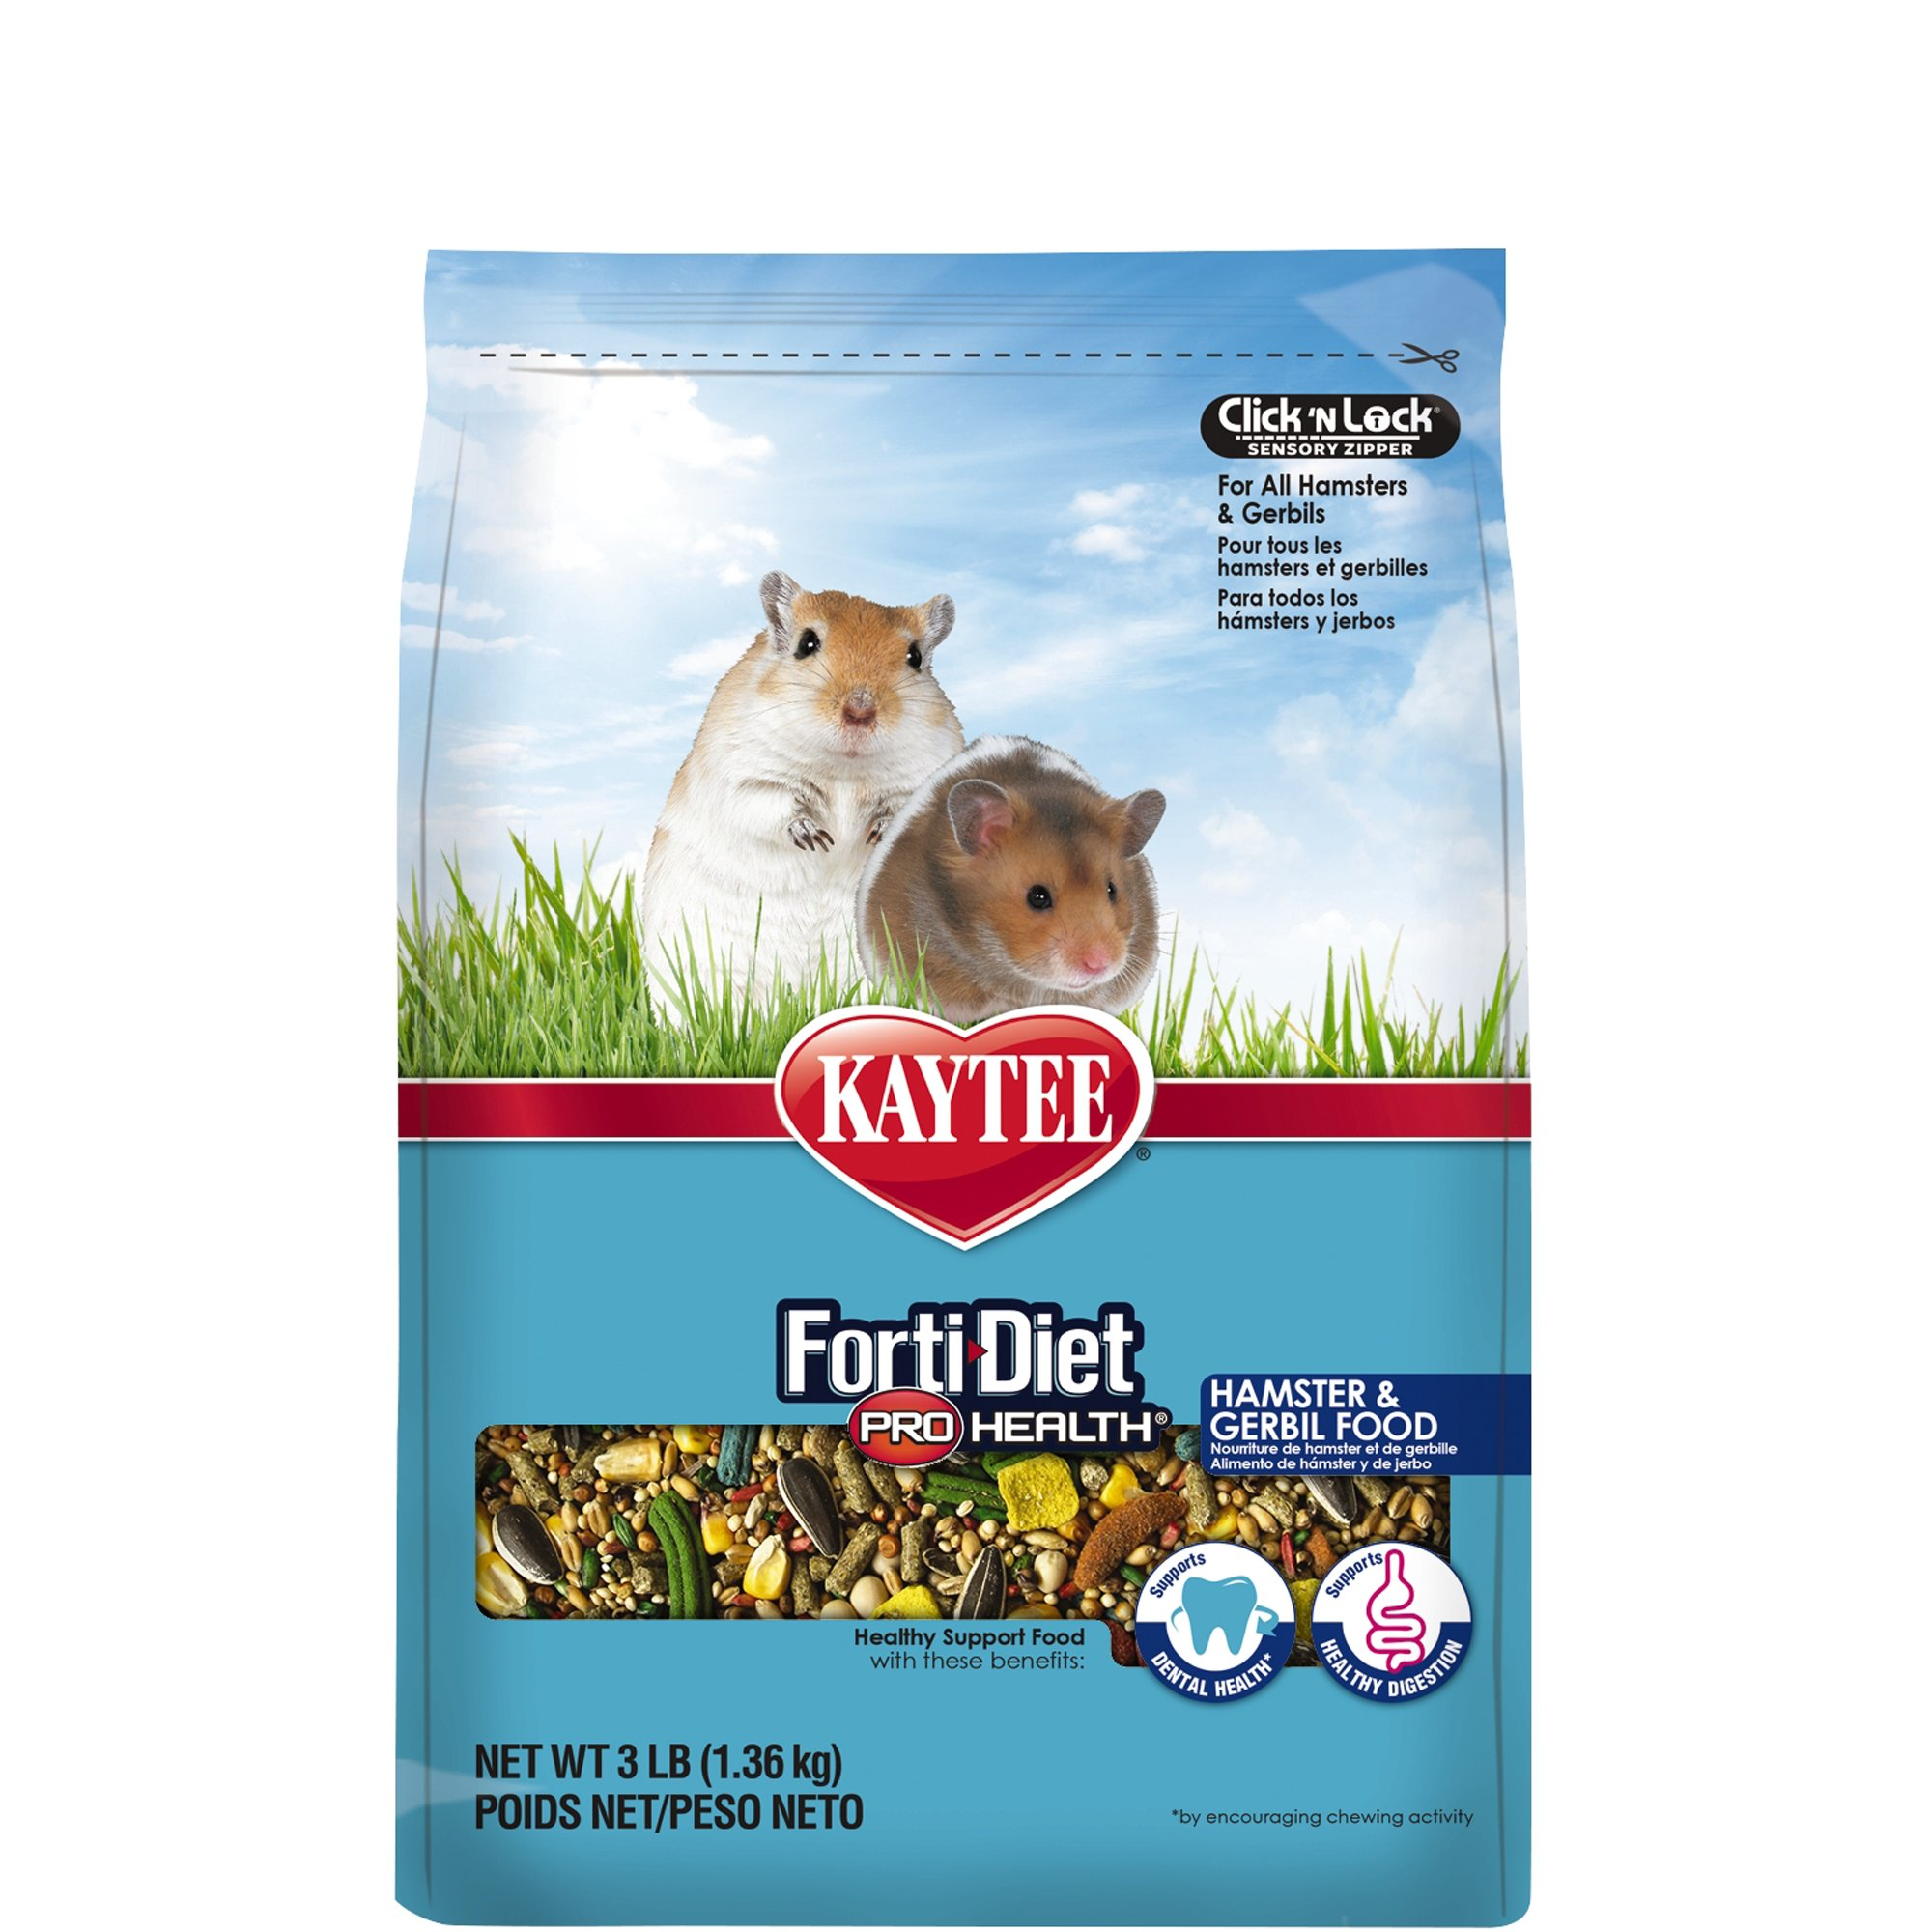 Kaytee Forti-Diet Pro Health Hamster & Gerbil Food